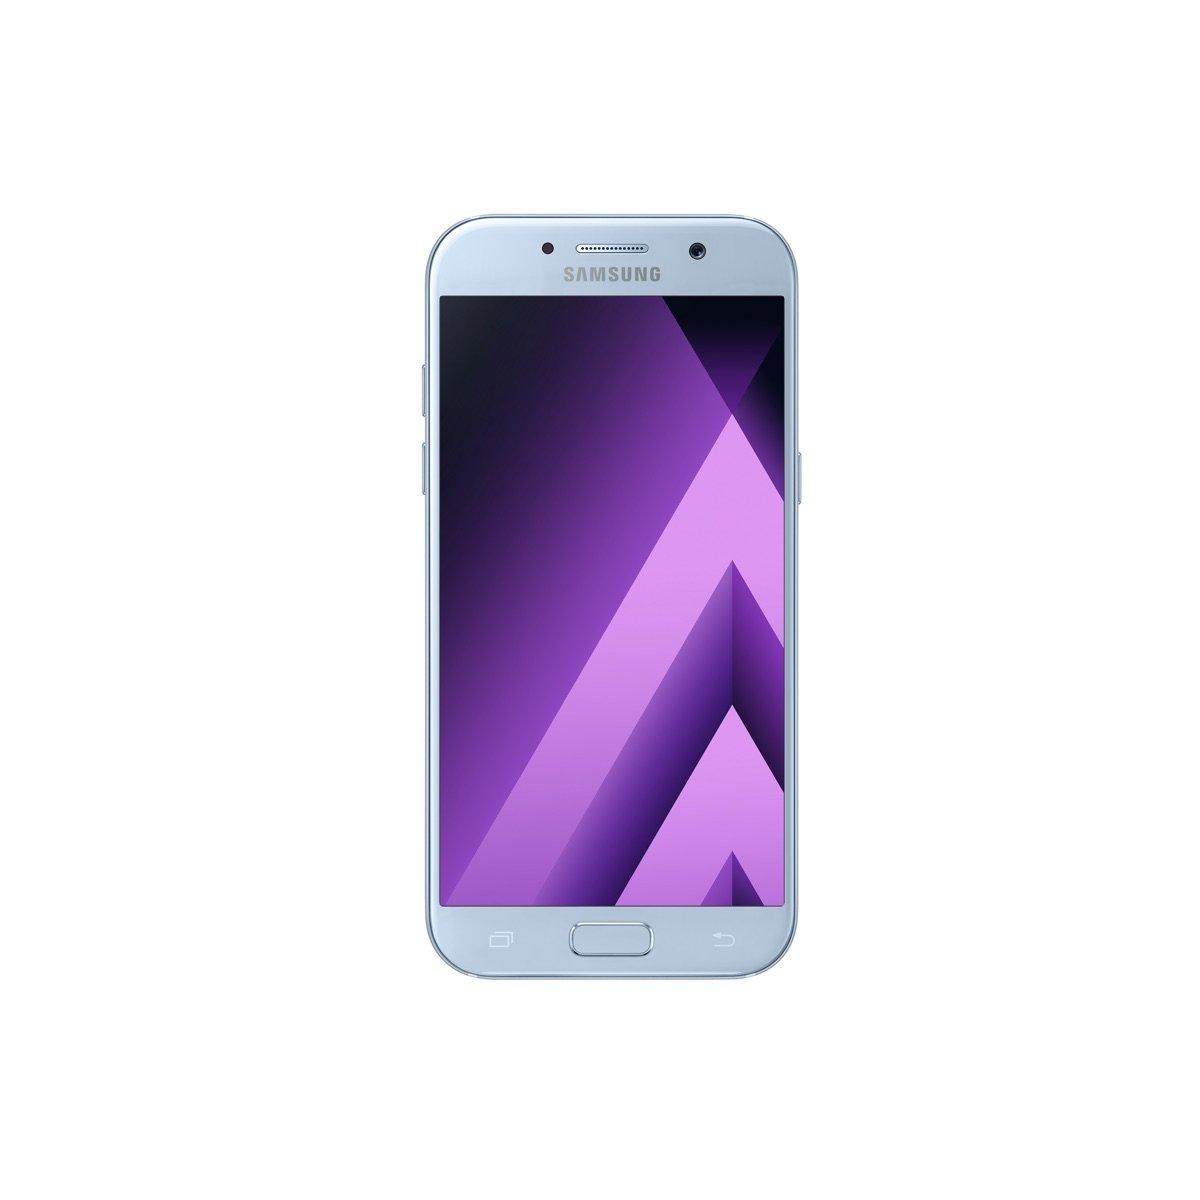 Samsung Galaxy A5 (2017) SM-A520F 32GB Dual-SIM Unlocked GSM Smartphone - Blue Mist by Samsung